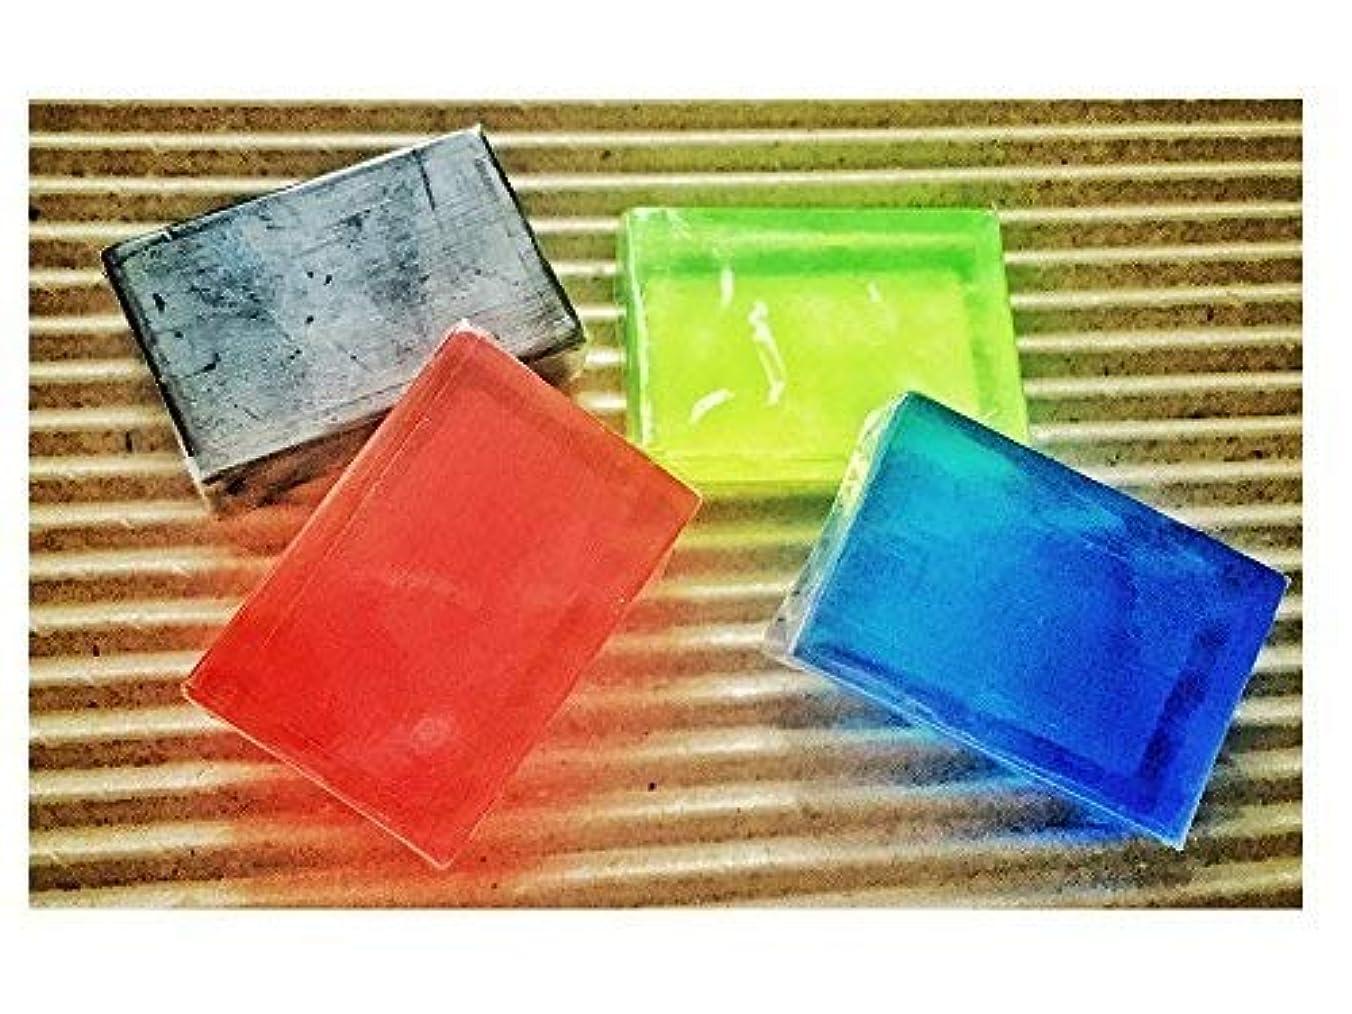 きつく気付く実り多いサンソリット スキンピールバー フォーサロン ミニソープ4種類 正規品 (角質ケア成分AHA?BHA?ハイドロキノール?ティートゥリー配合?ピーリング効果) 15g×4種類×2セット(計8個)